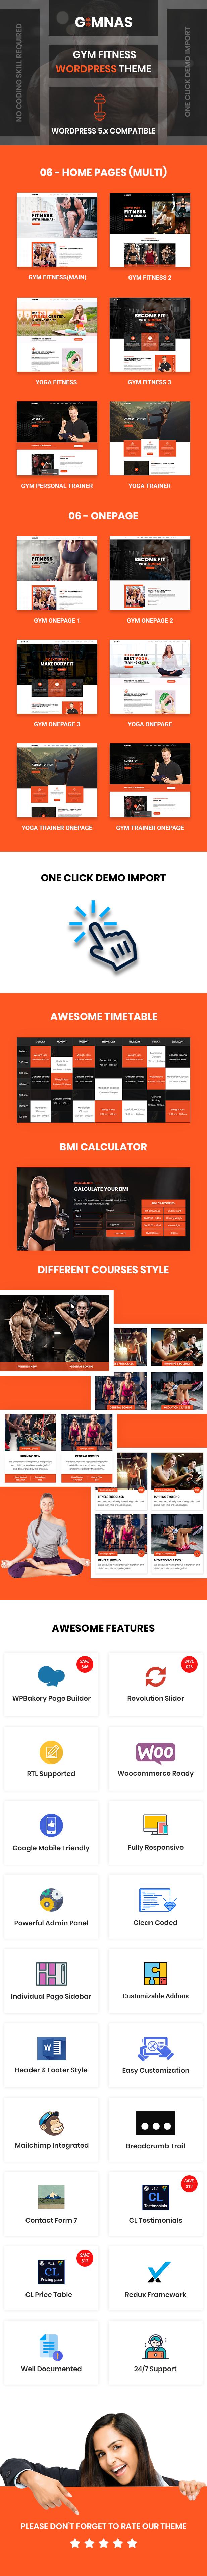 Gimnas - Gym Fitness WordPress Theme - 4